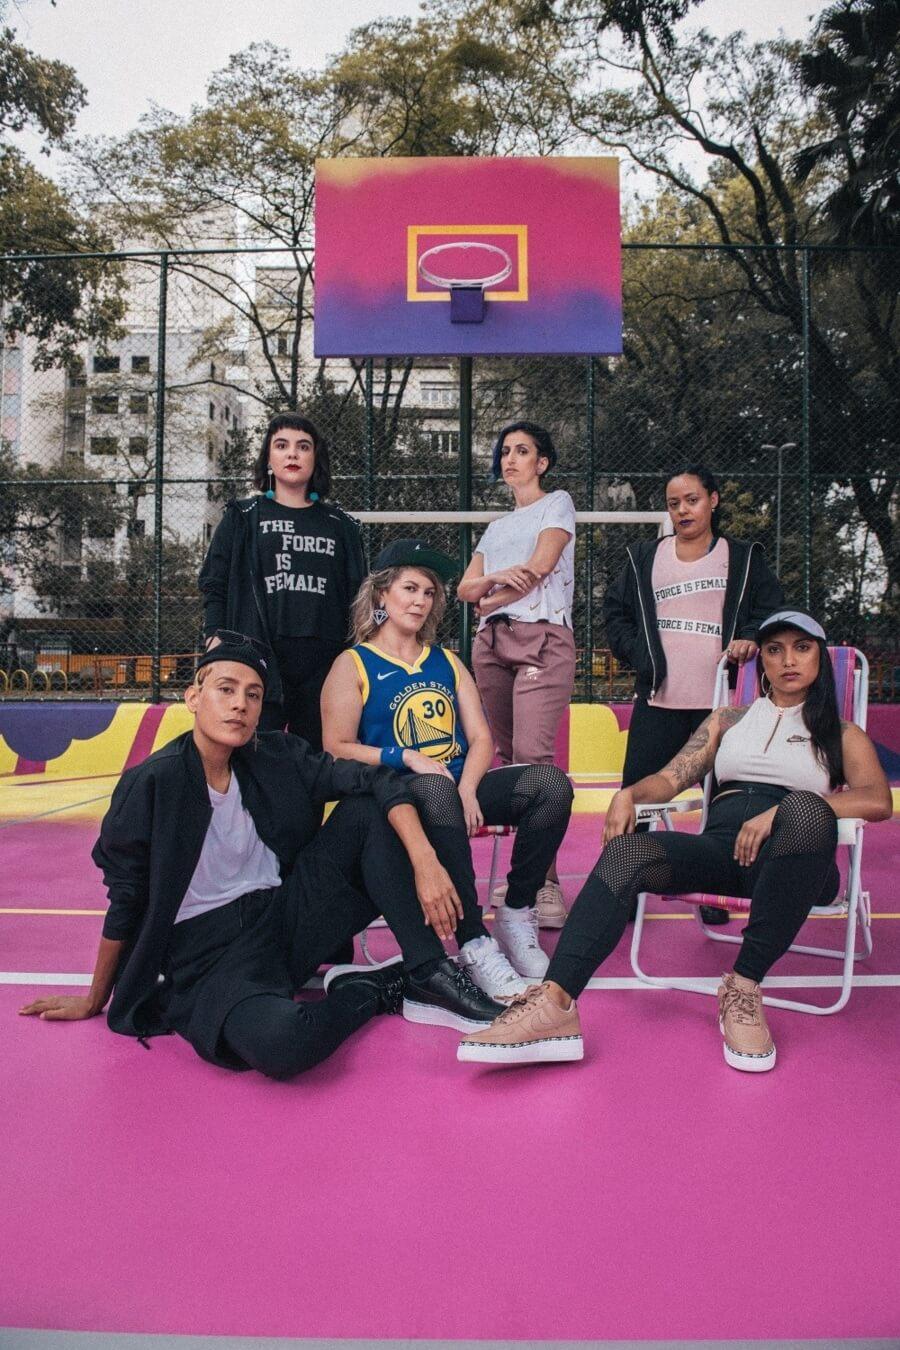 Mujeres y Nike al rescate del espacio público en São Paulo - ACC